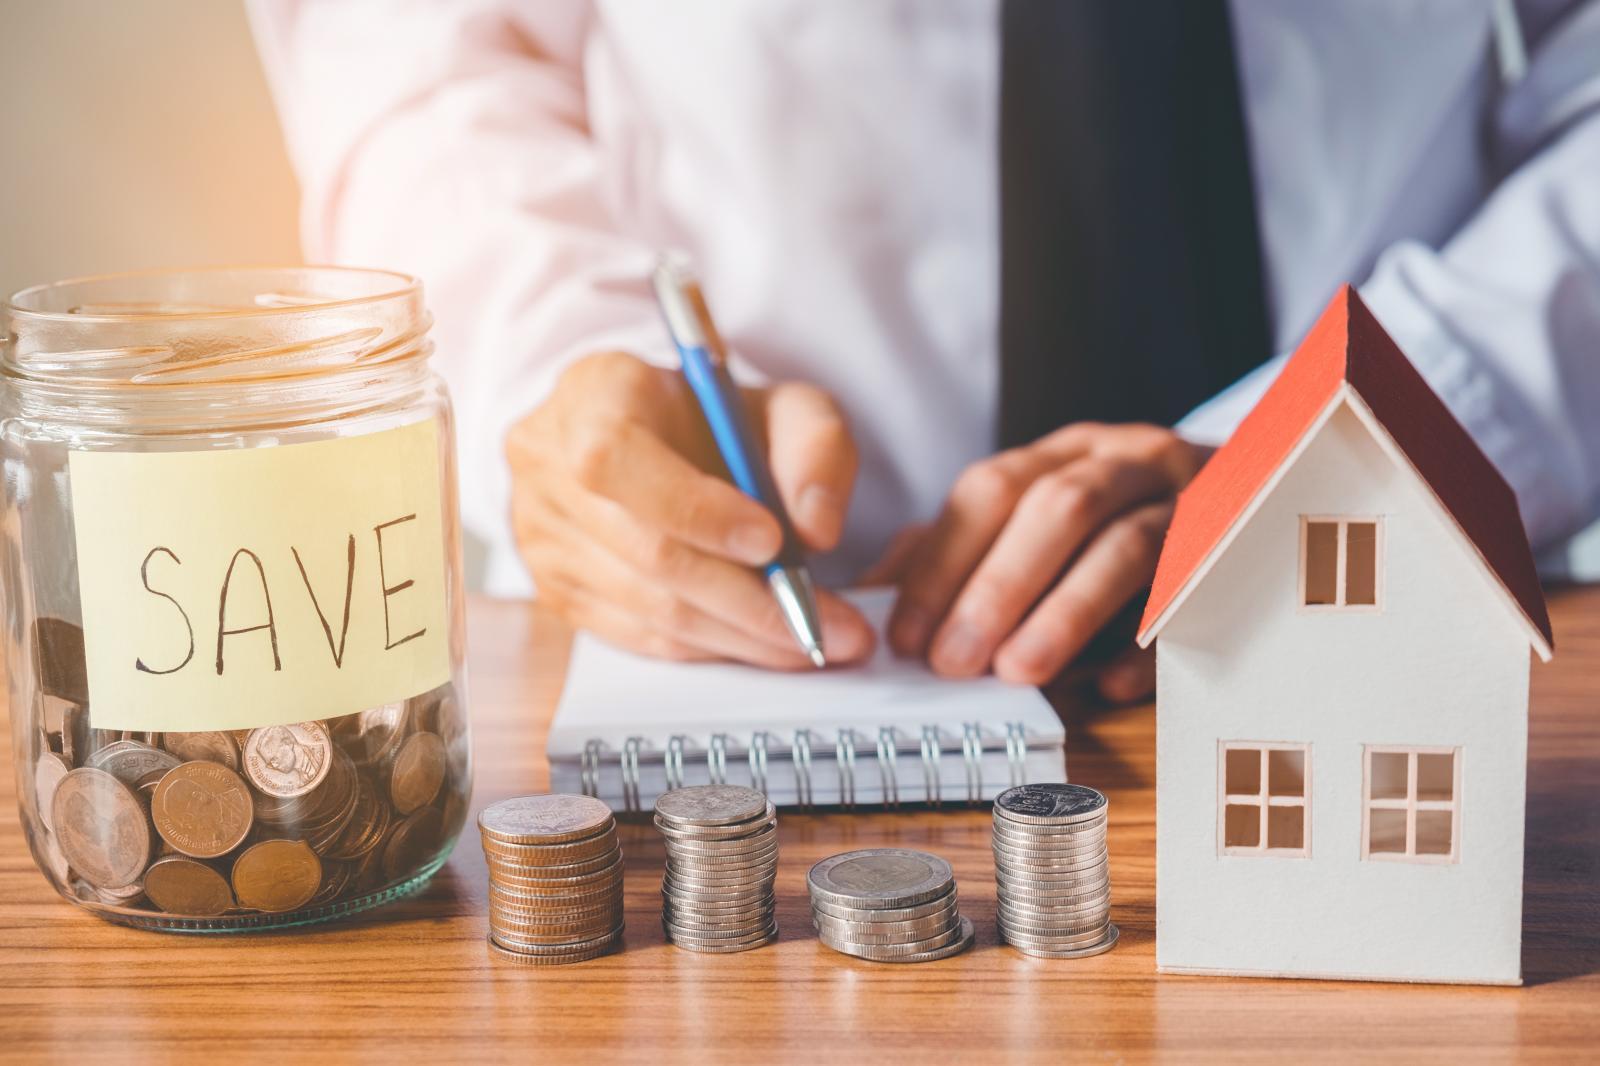 Hãy lên kế hoạch chi tiêu tiết kiệm để sớm trả nợ ngân hàng